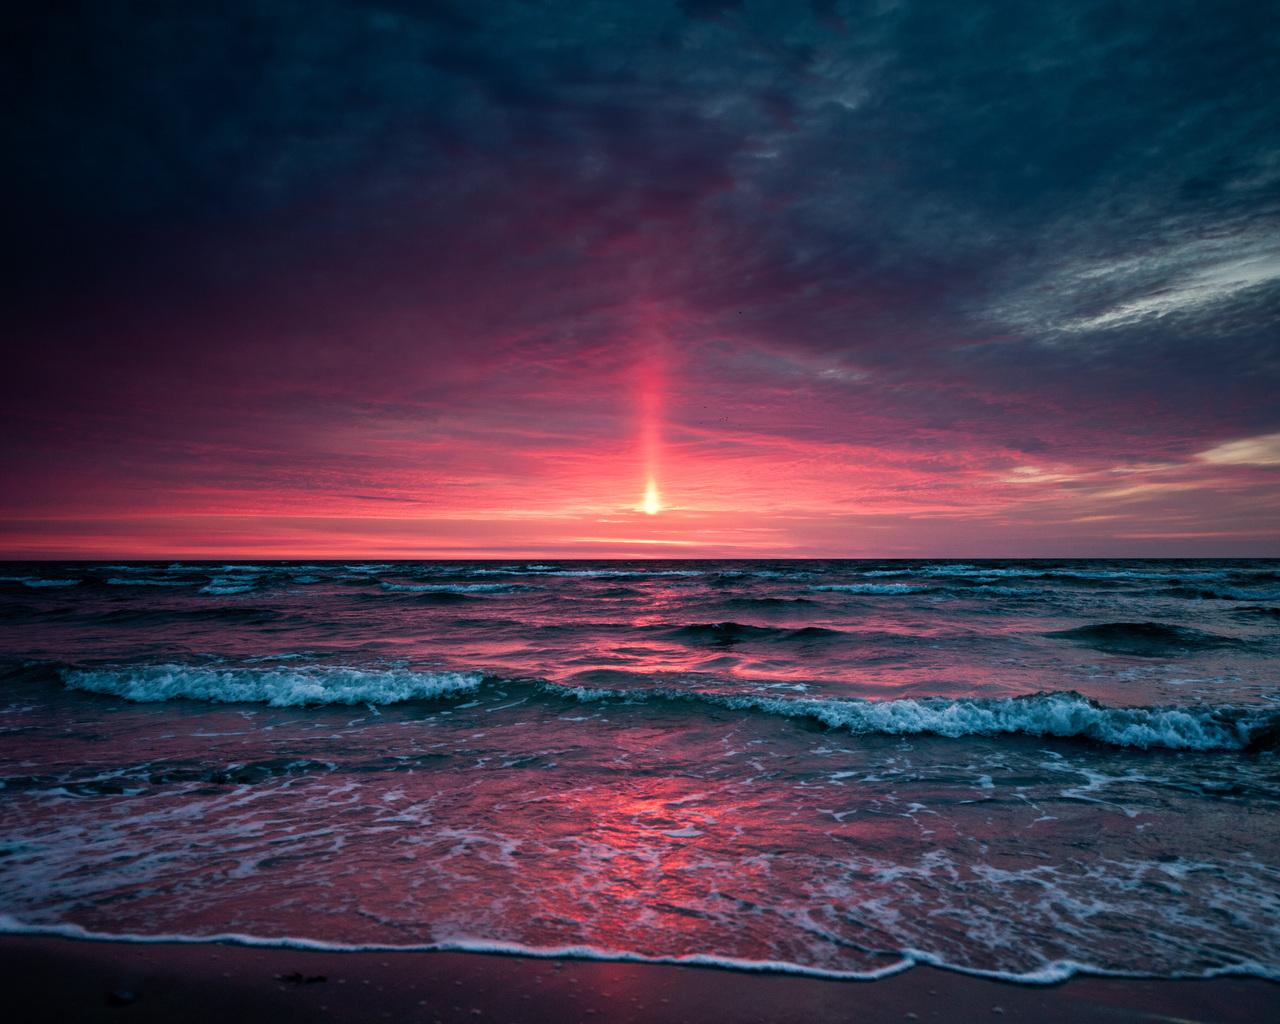 15865 скачать обои Пейзаж, Вода, Закат, Море, Солнце - заставки и картинки бесплатно